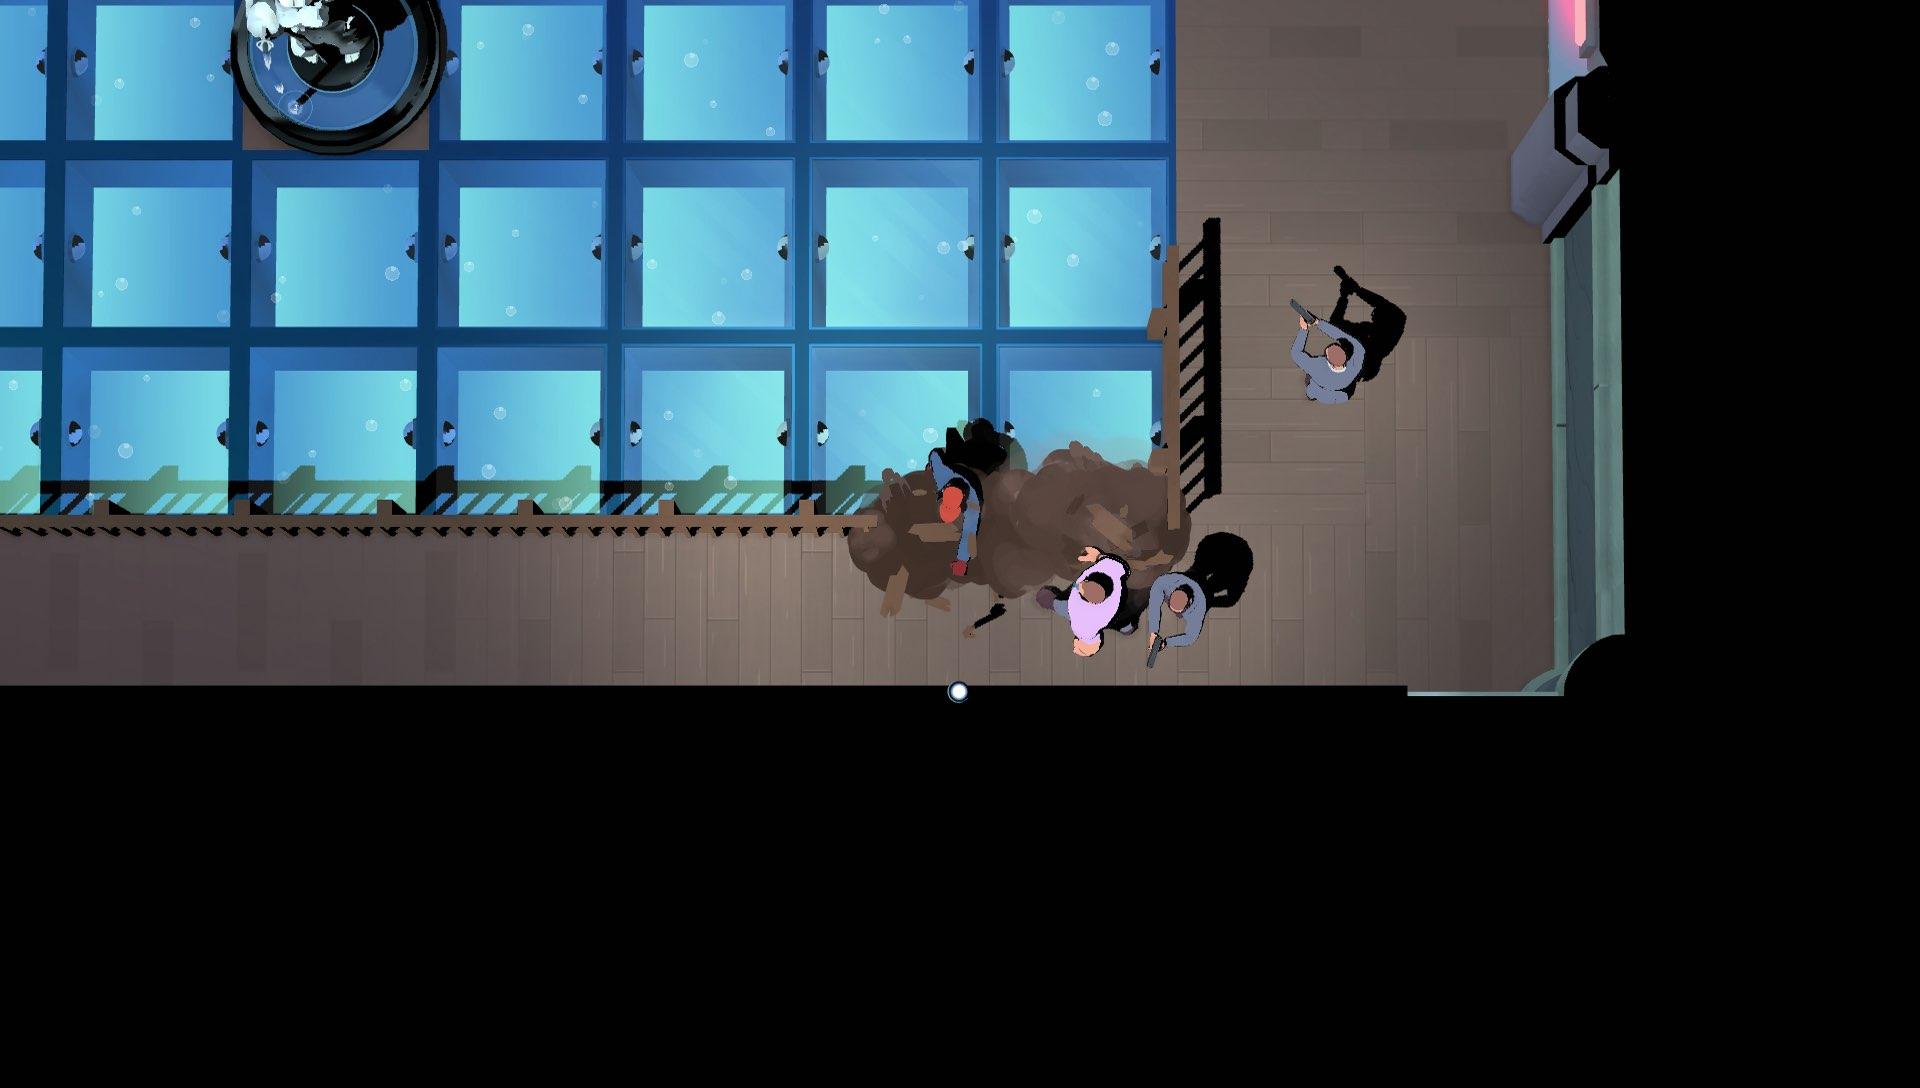 Switch_MrShifty_Screenshot_5